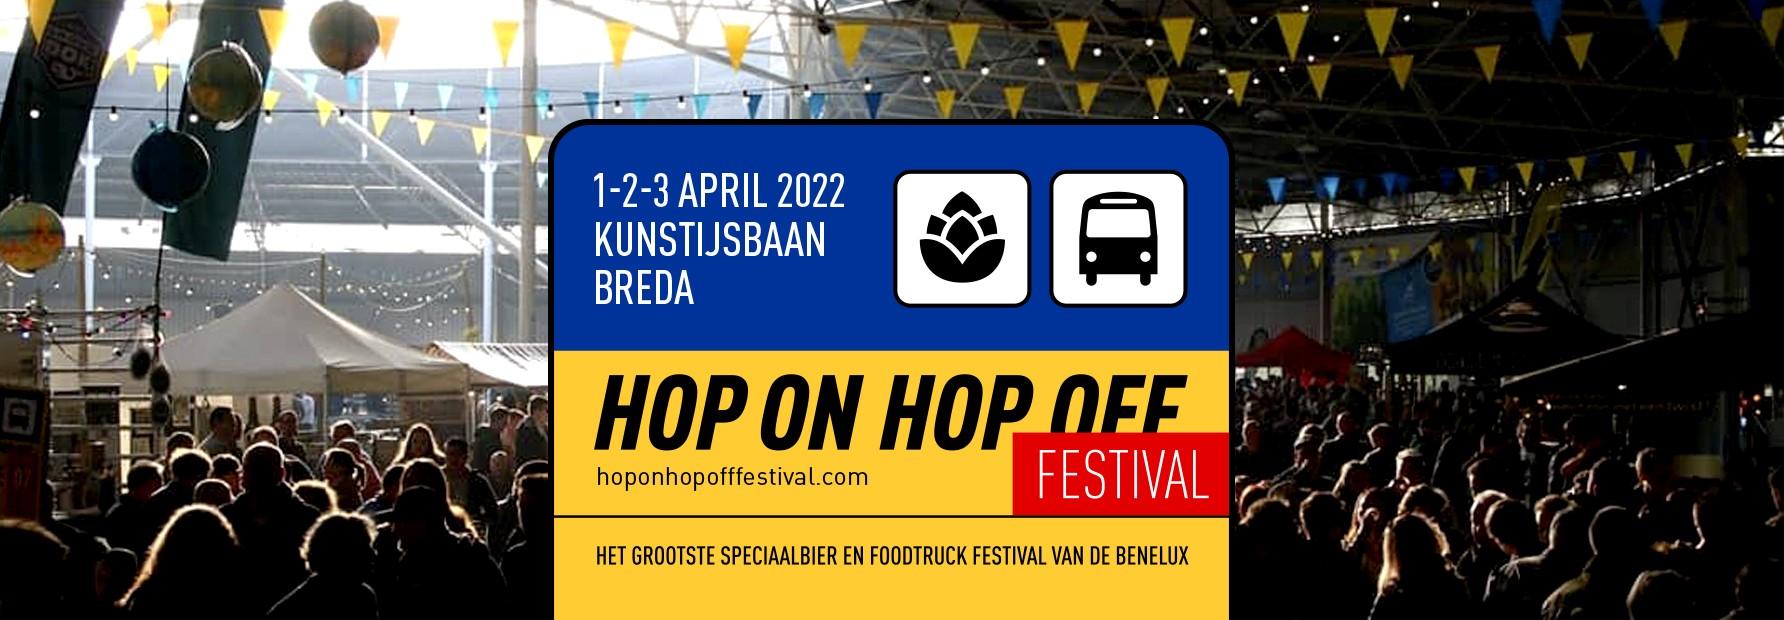 HOHO2022 afbeelding banner website